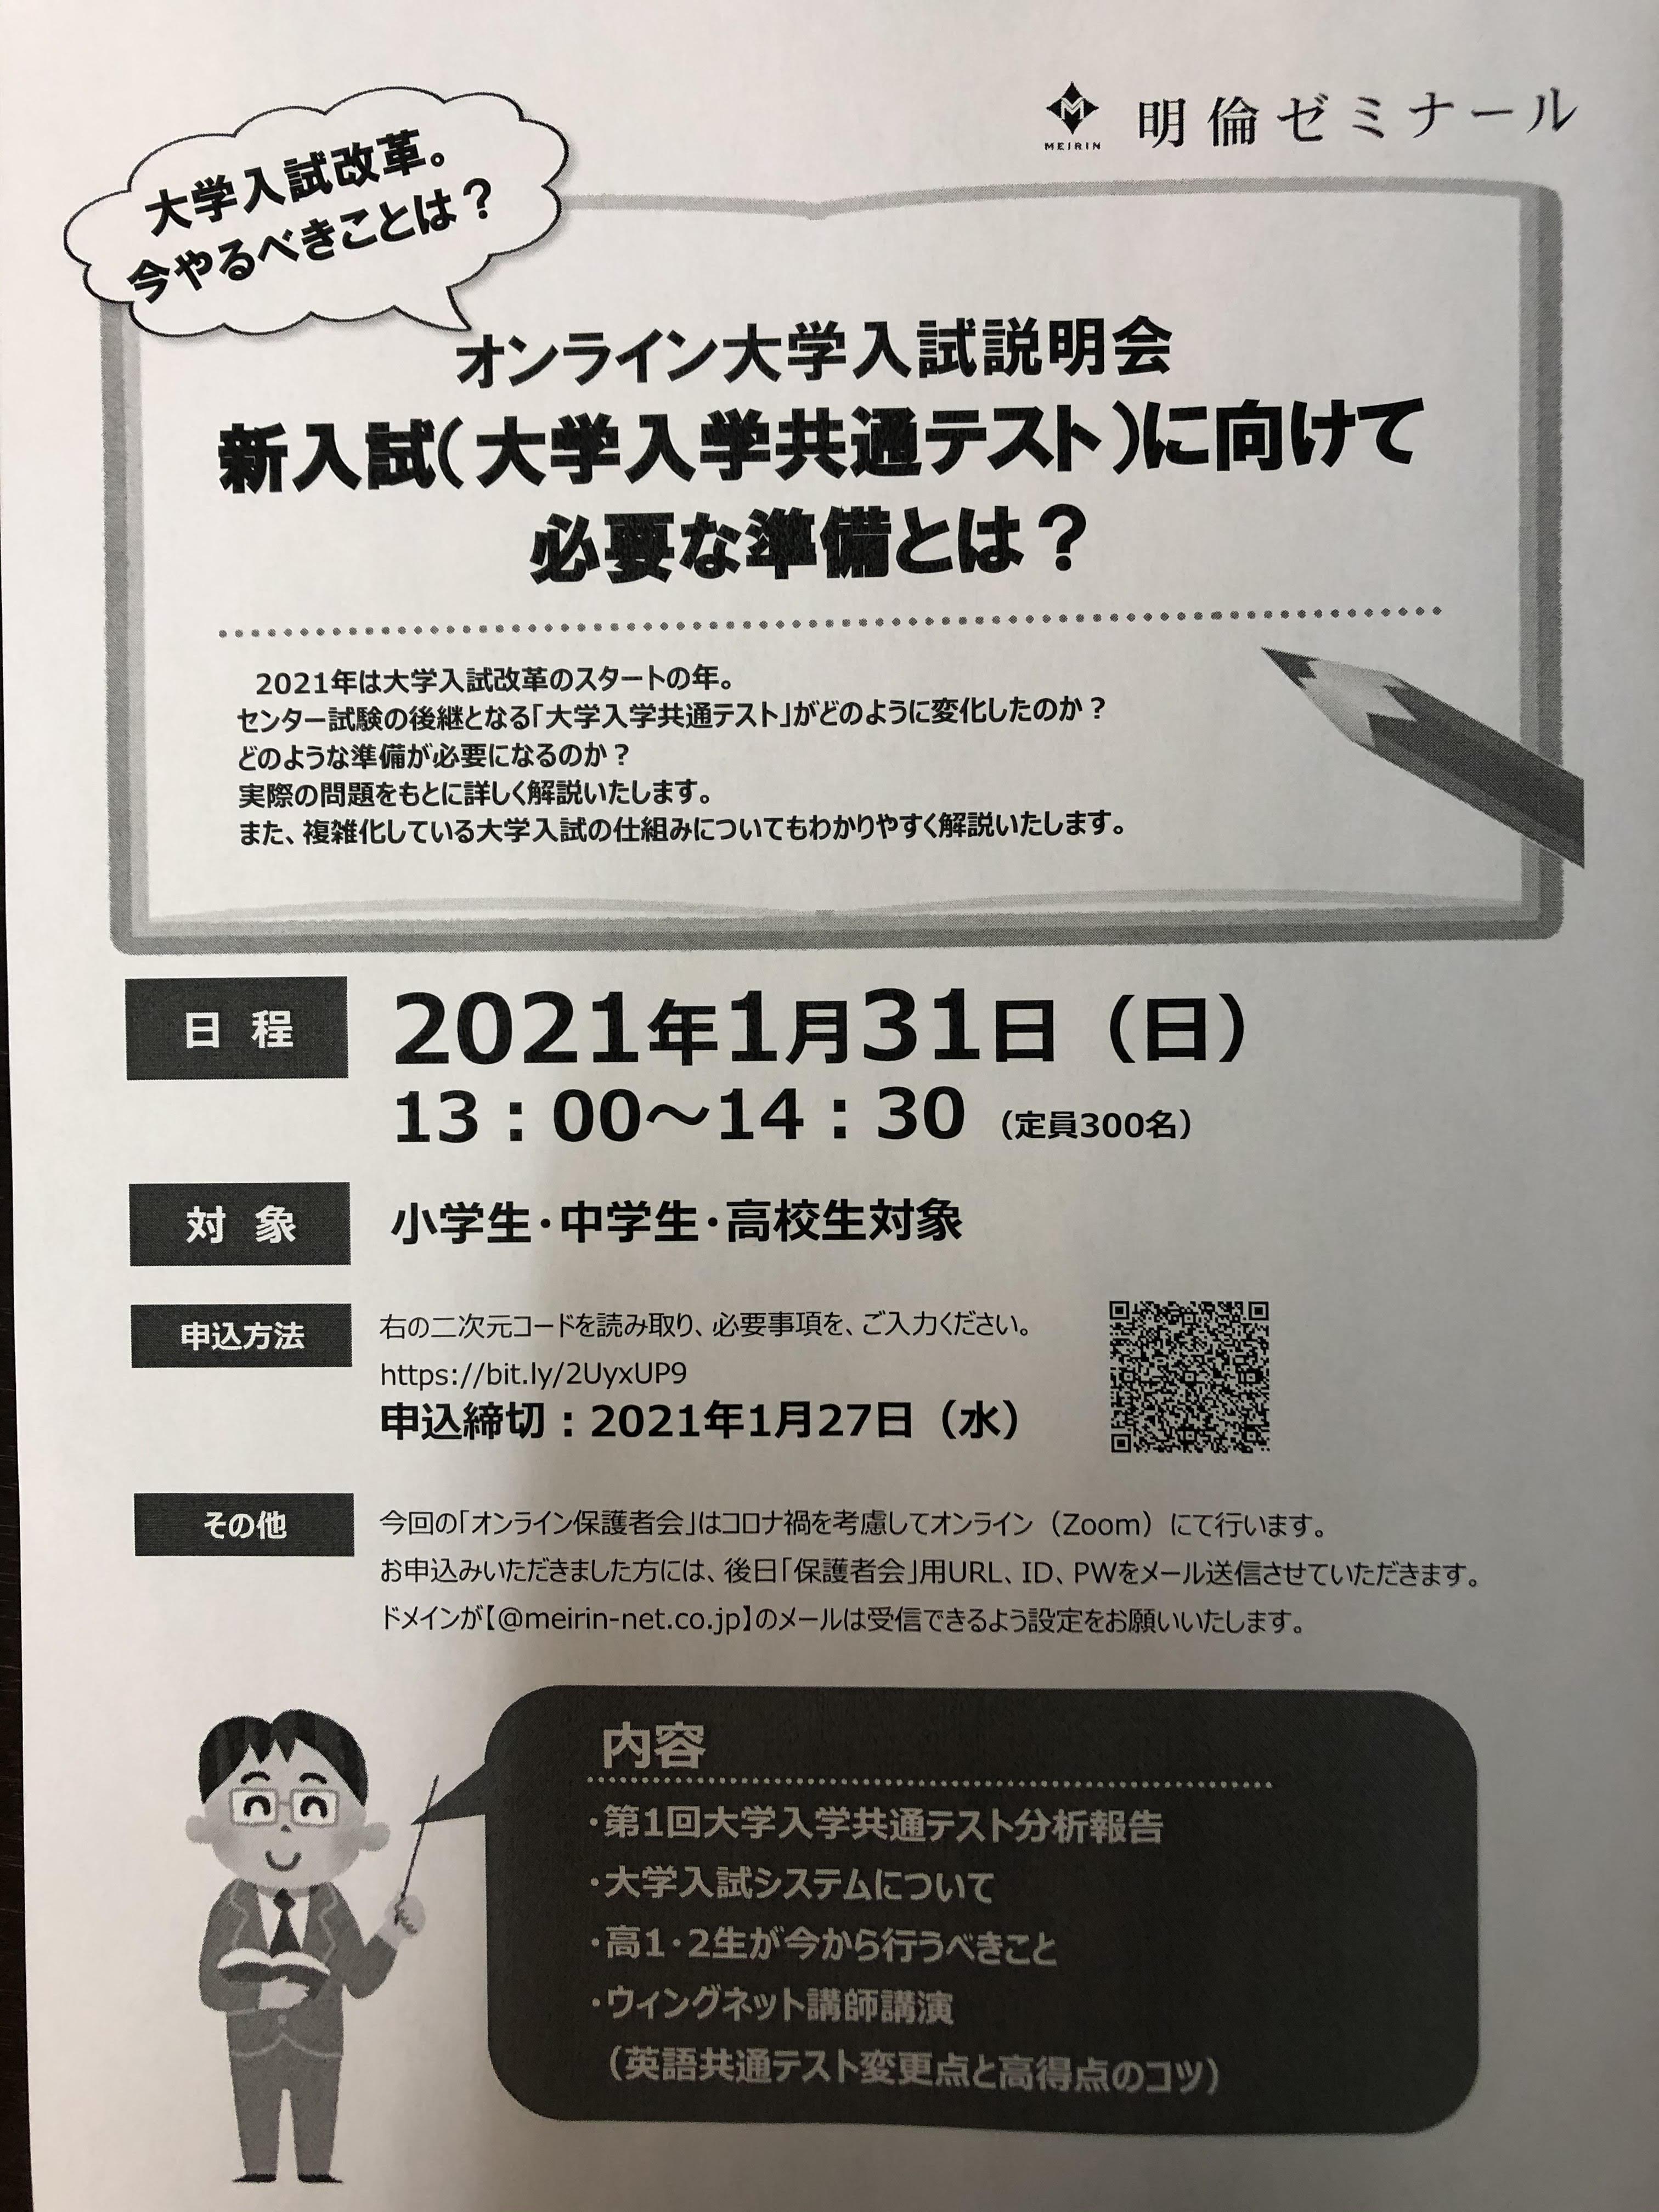 オンライン大学入試説明会開催